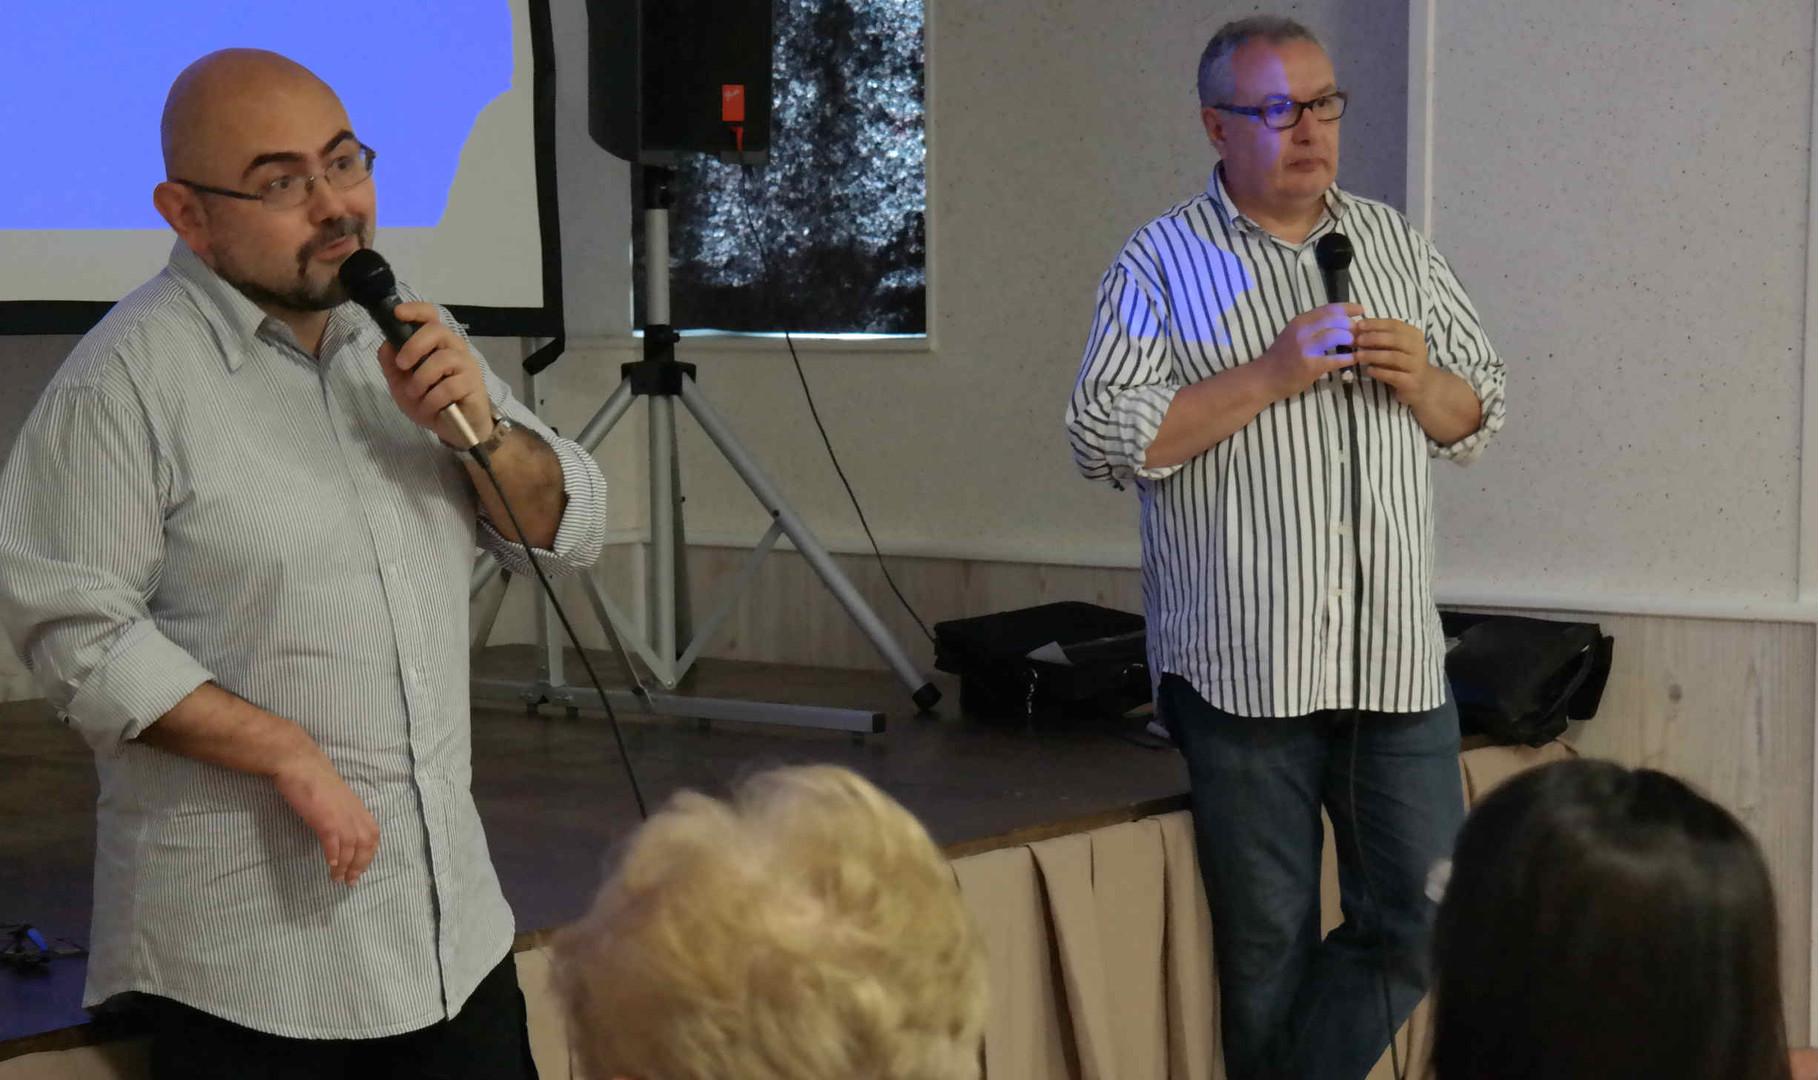 Presentazione da parte del regista Mauro Vittorio Quattrina e Paolo Pupillo traduttore